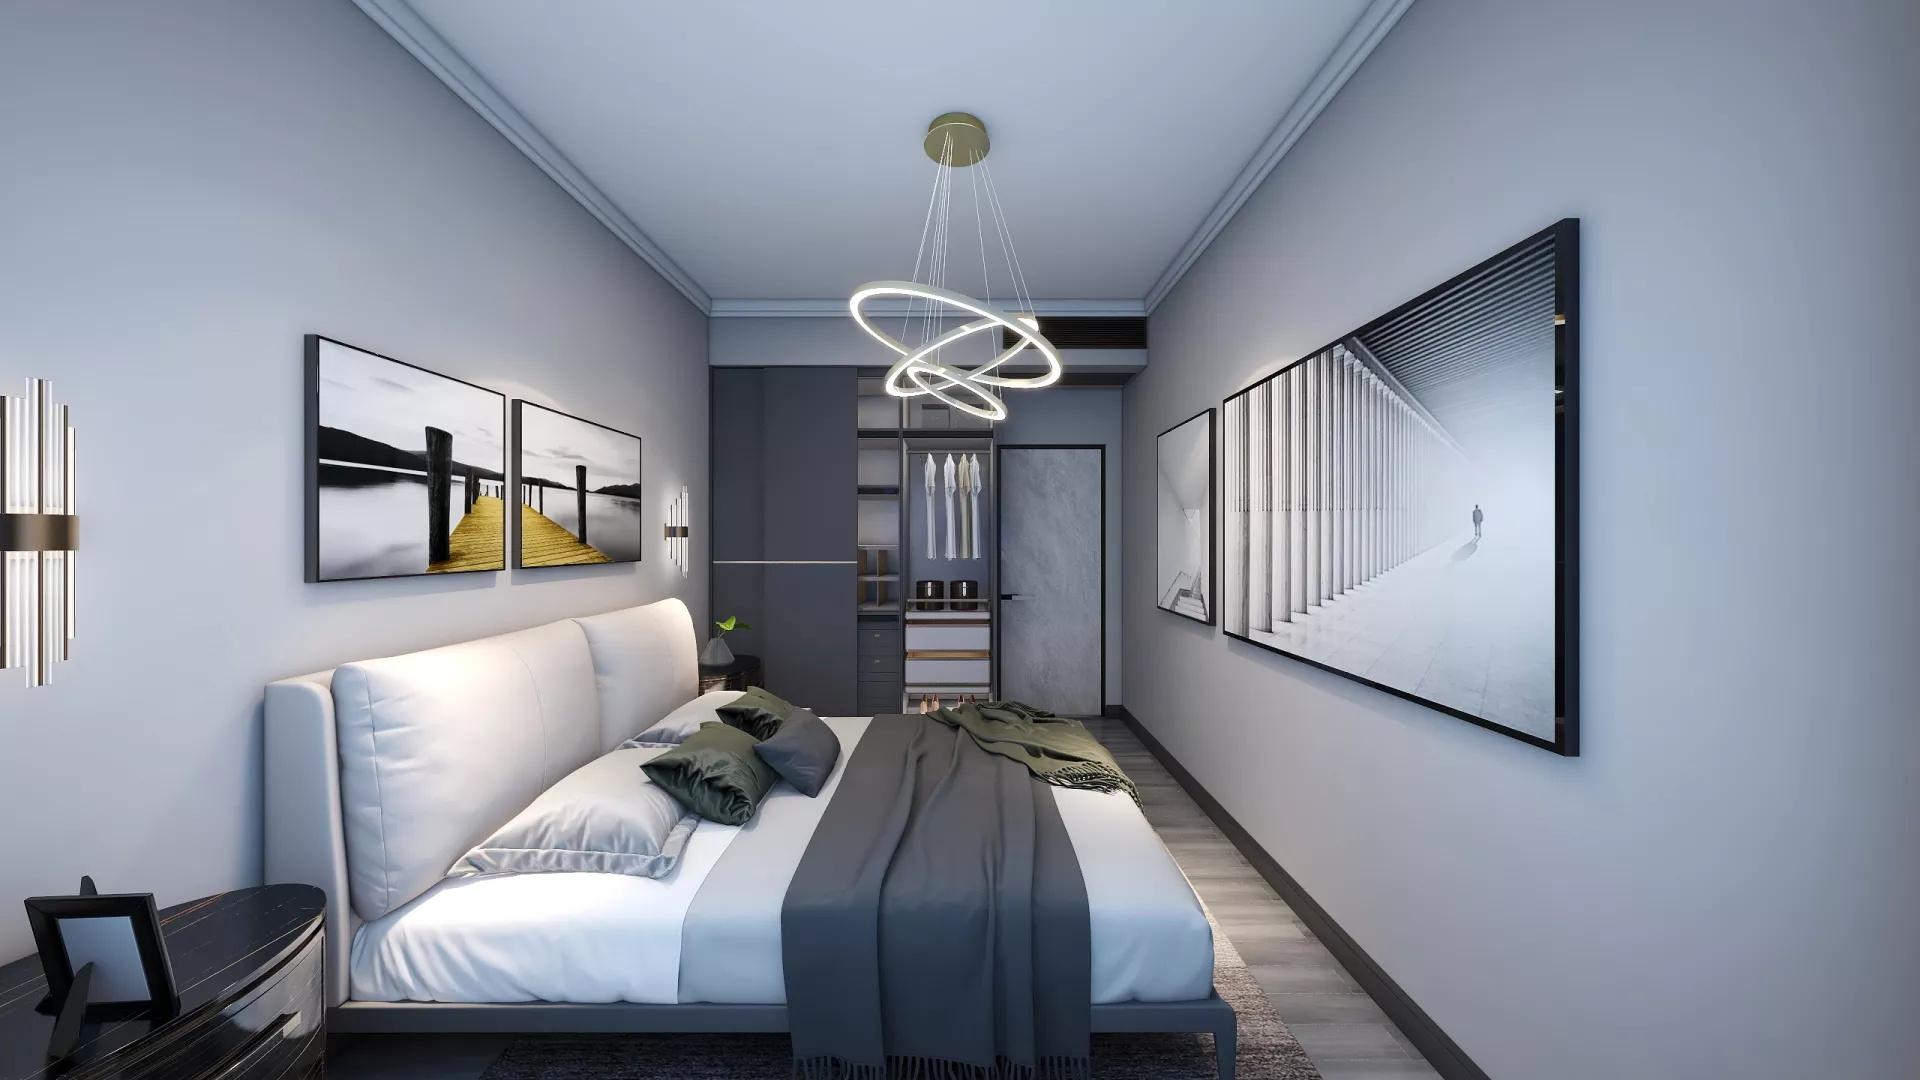 三居室现代简约风格装修风格家居设计效果图